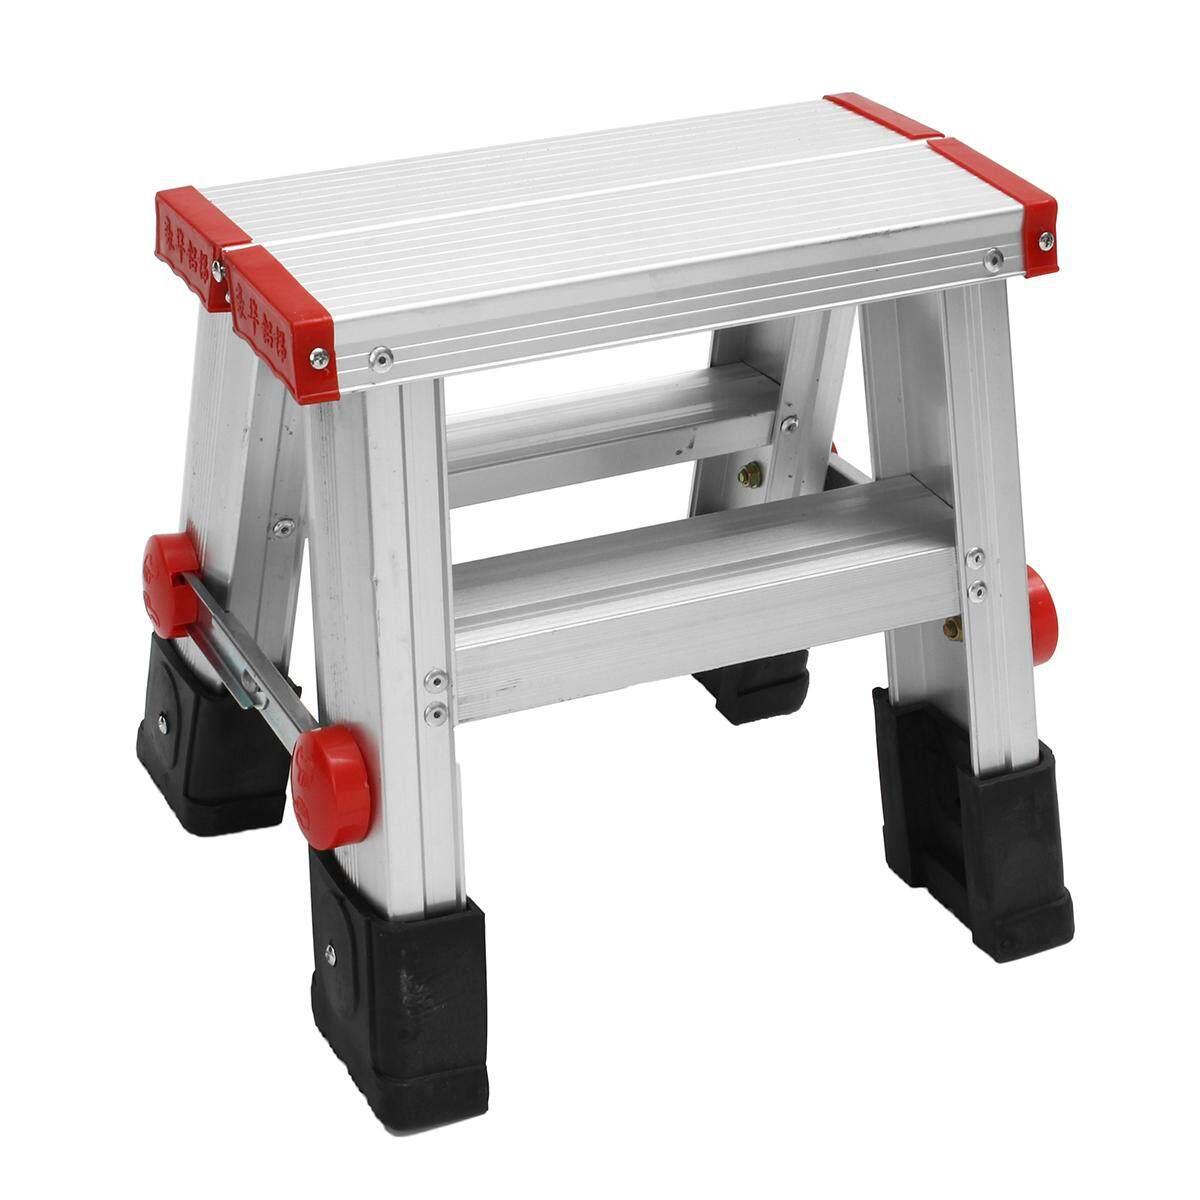 30cm folding stool aluminum stool - intl